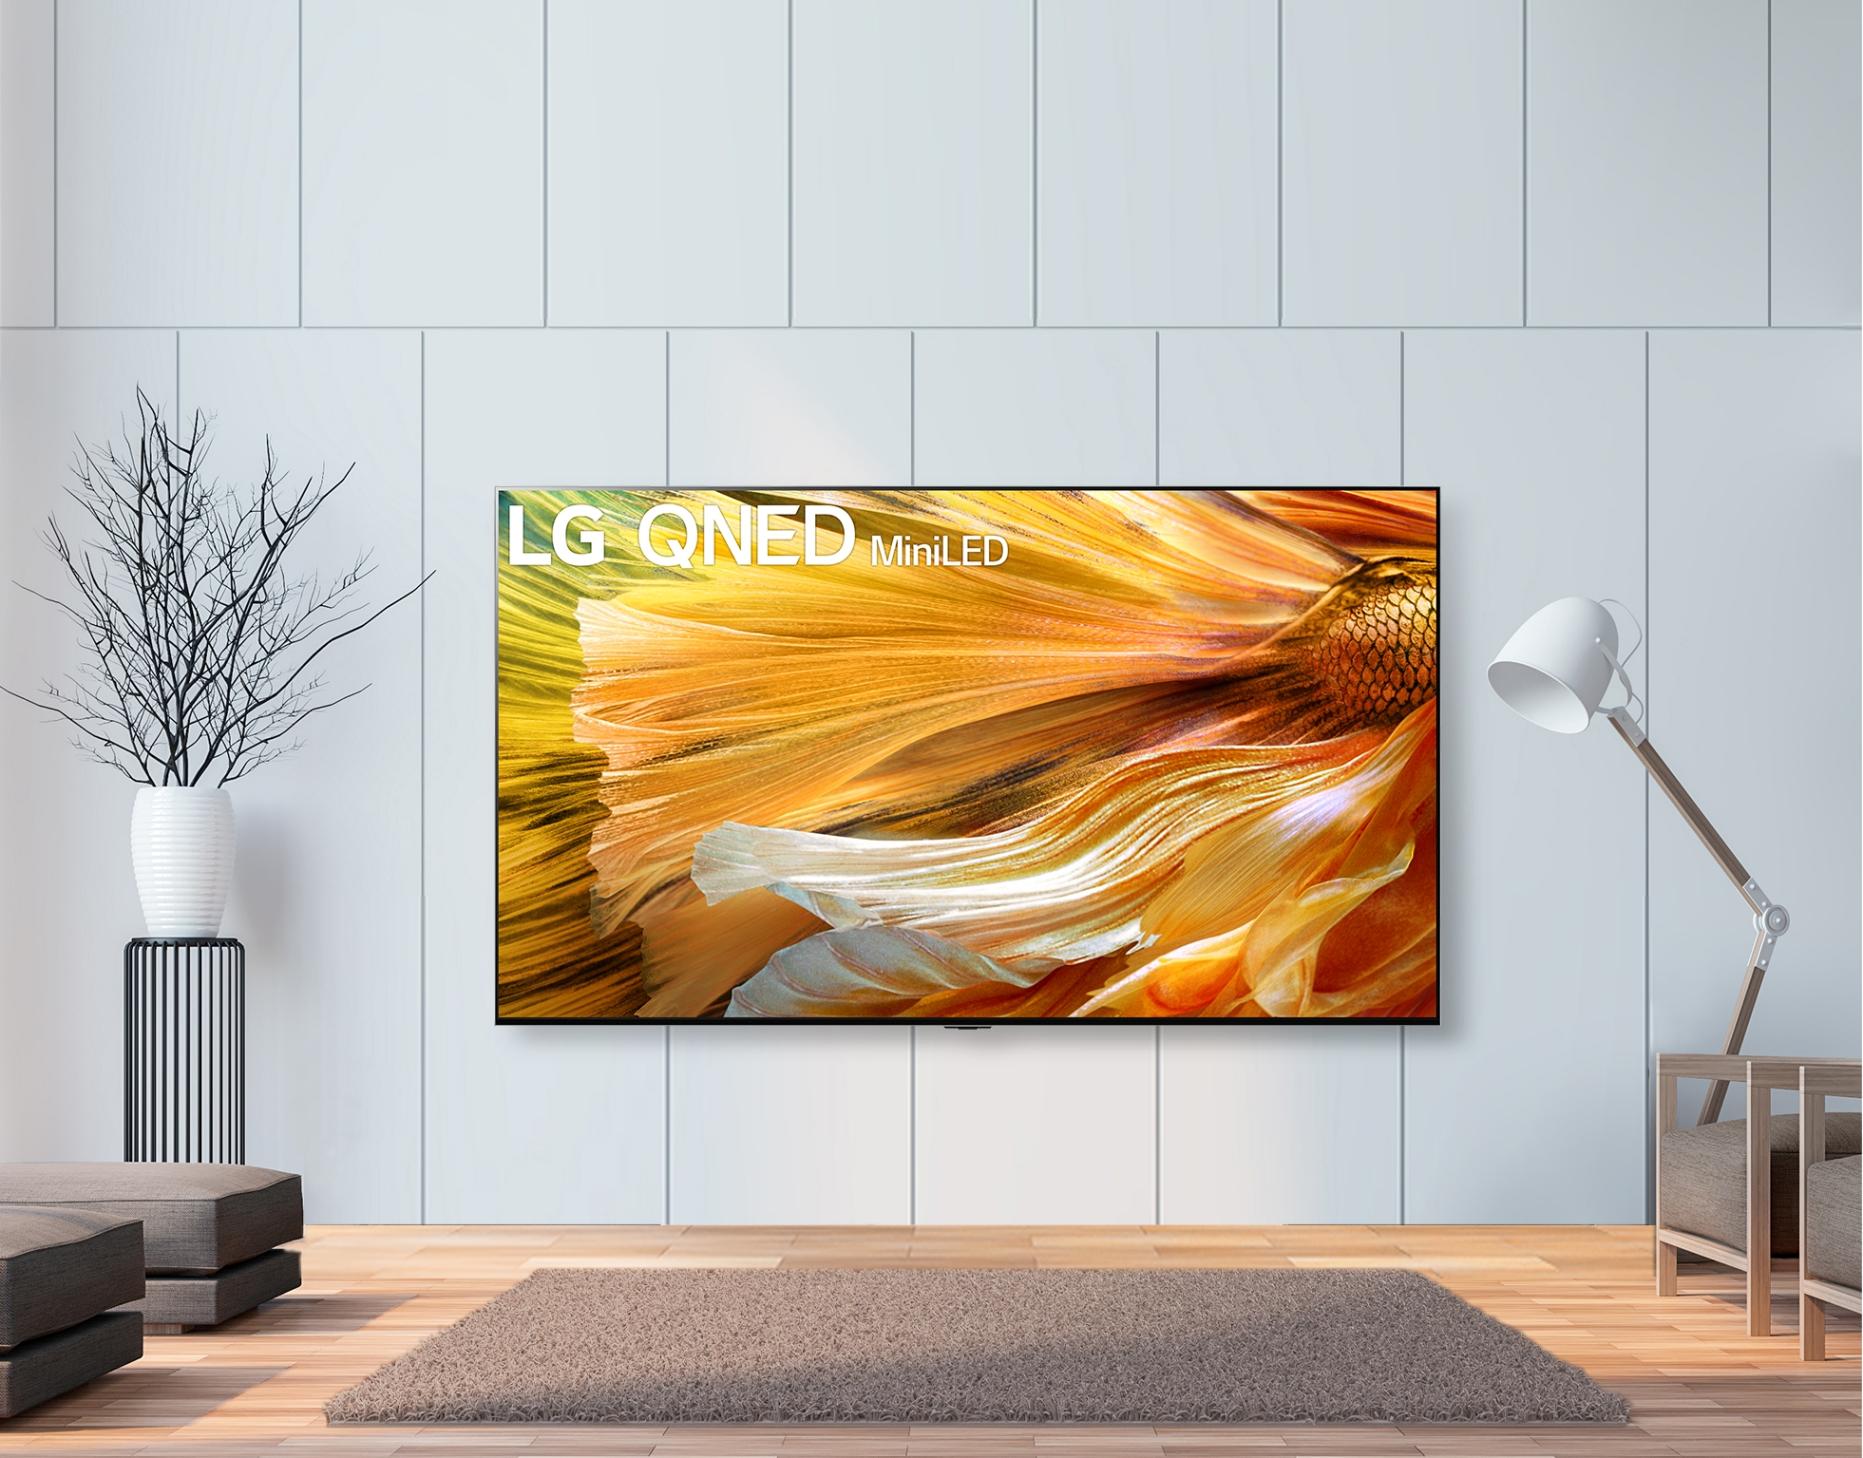 LG 8K QNED Mini LED 03